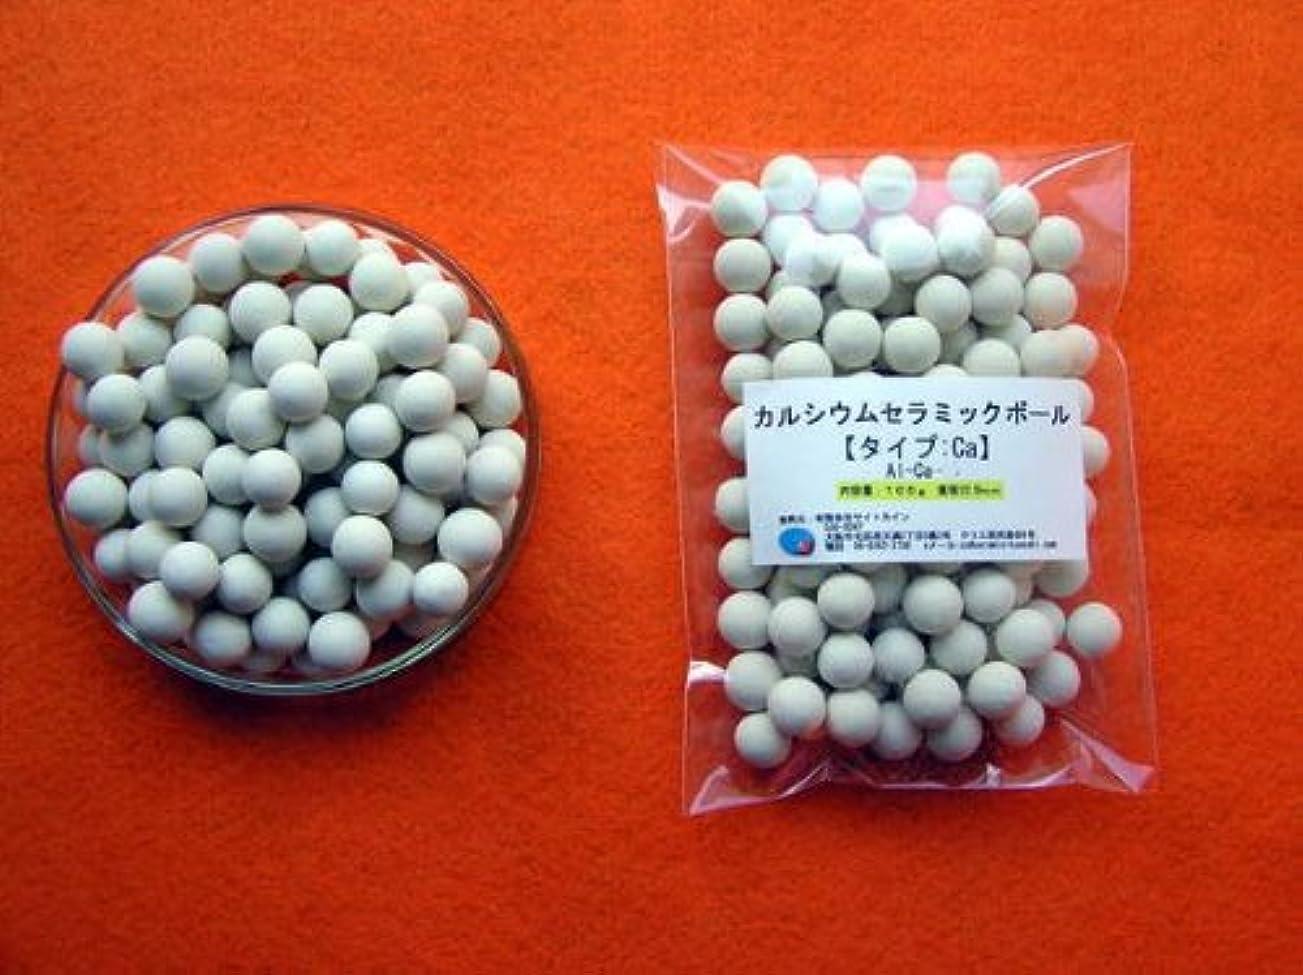 政権スキニースノーケルマグネシウムセラミックボール 250グラム